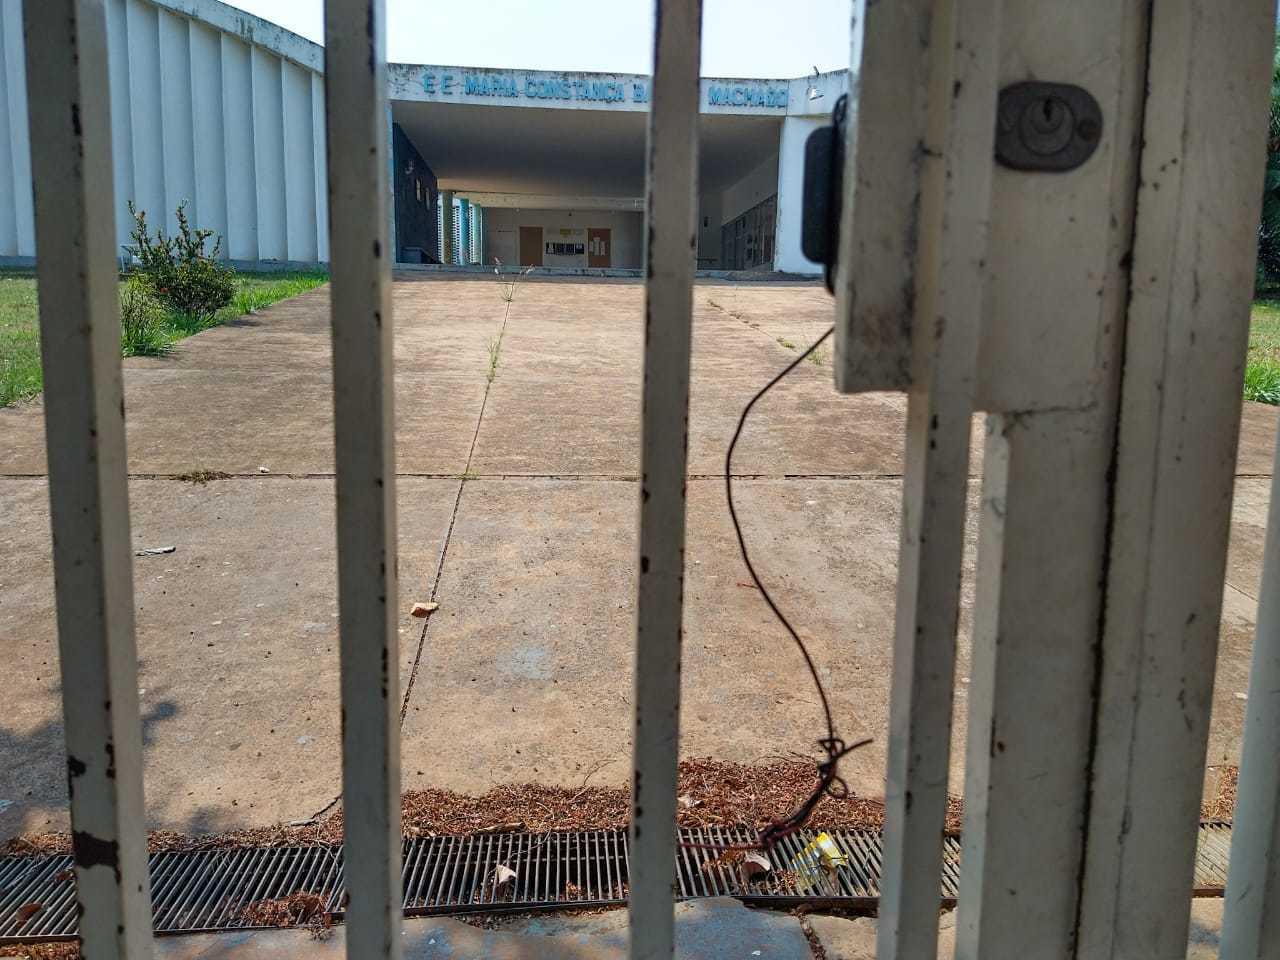 Portão de entrada da Escola Estadual Maria Constança Barros Machado. (Foto: Marcos Maluf)